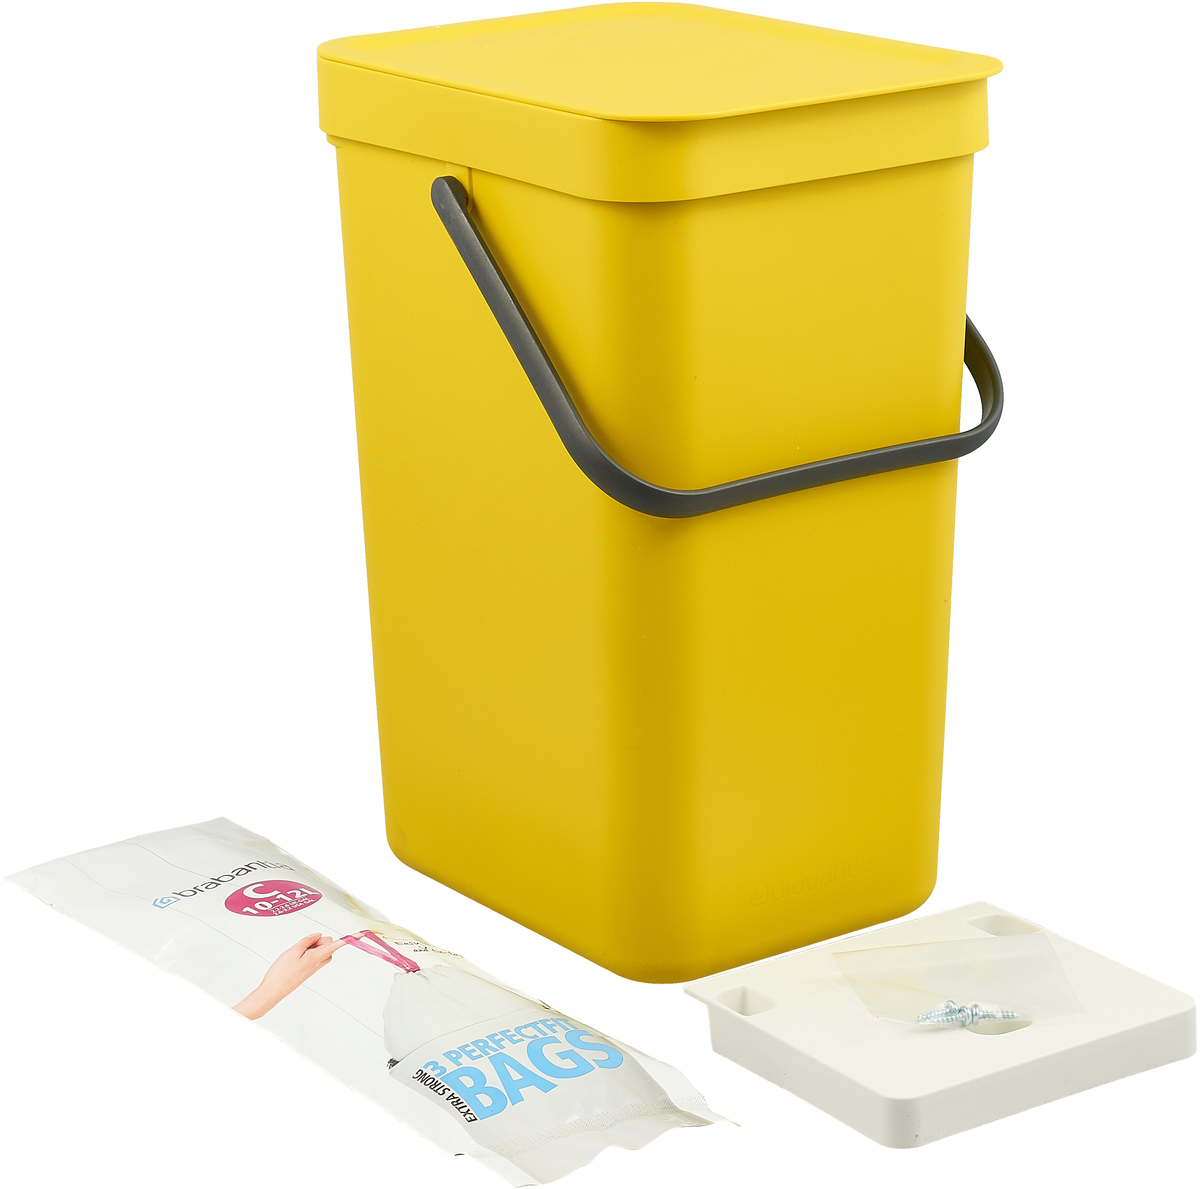 Ведро мусорное Brabantia Sort & Go, встраиваемое, цвет: желтый, 16 л. 109843